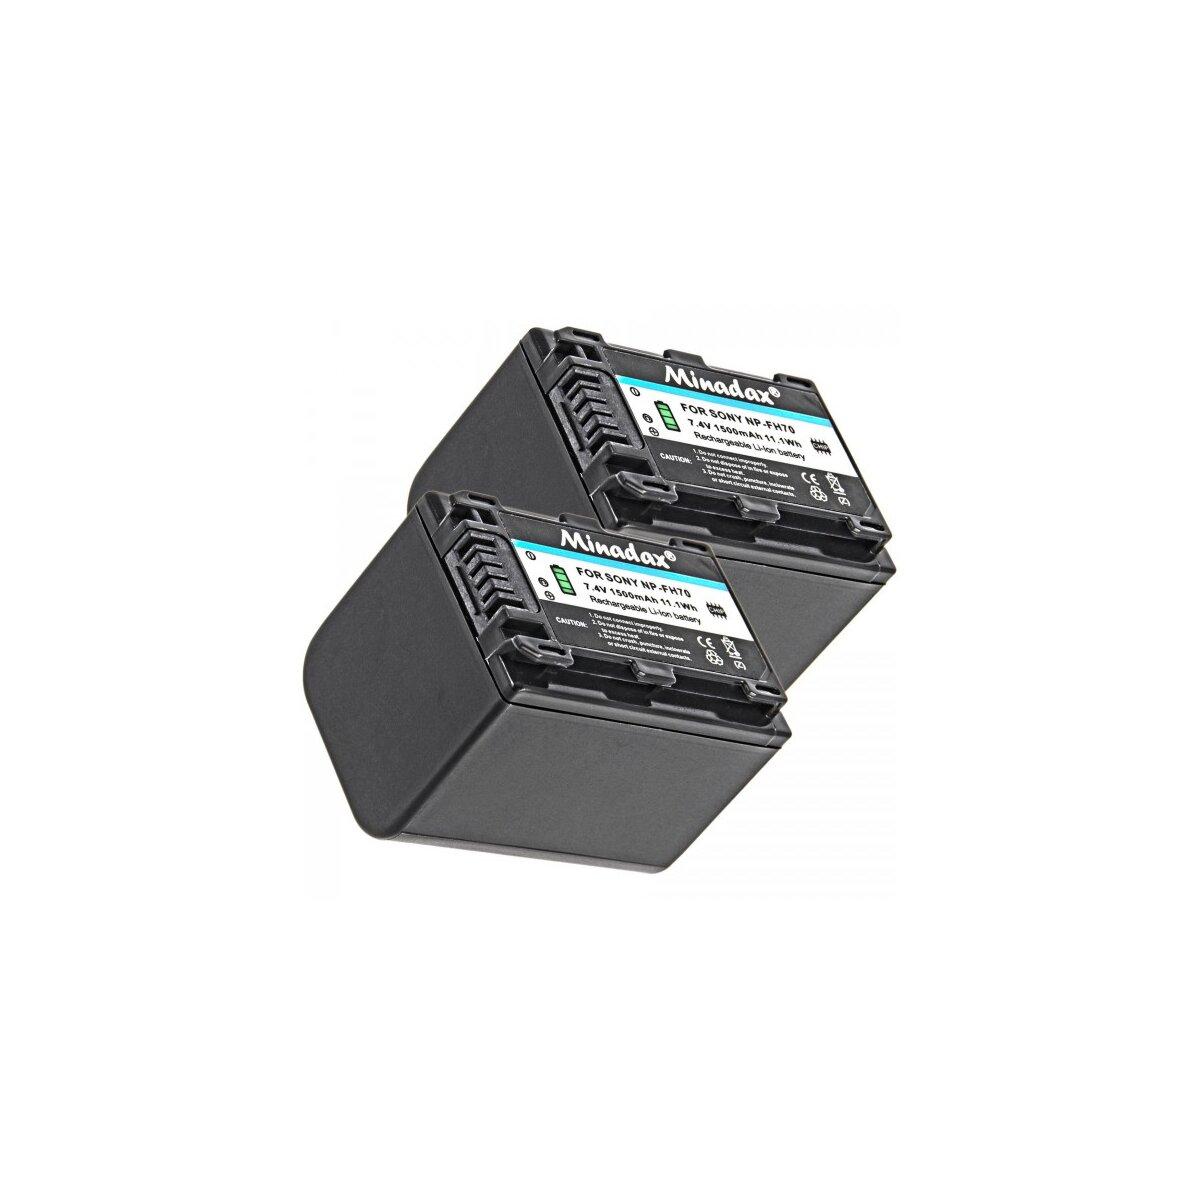 2x Minadax Qualitätsakku mit echten 1600 mAh kompatibel für FujiFilm FinePix 603, F10, F11, M603, wie NP-120 - Intelligentes Akkusystem mit Chip